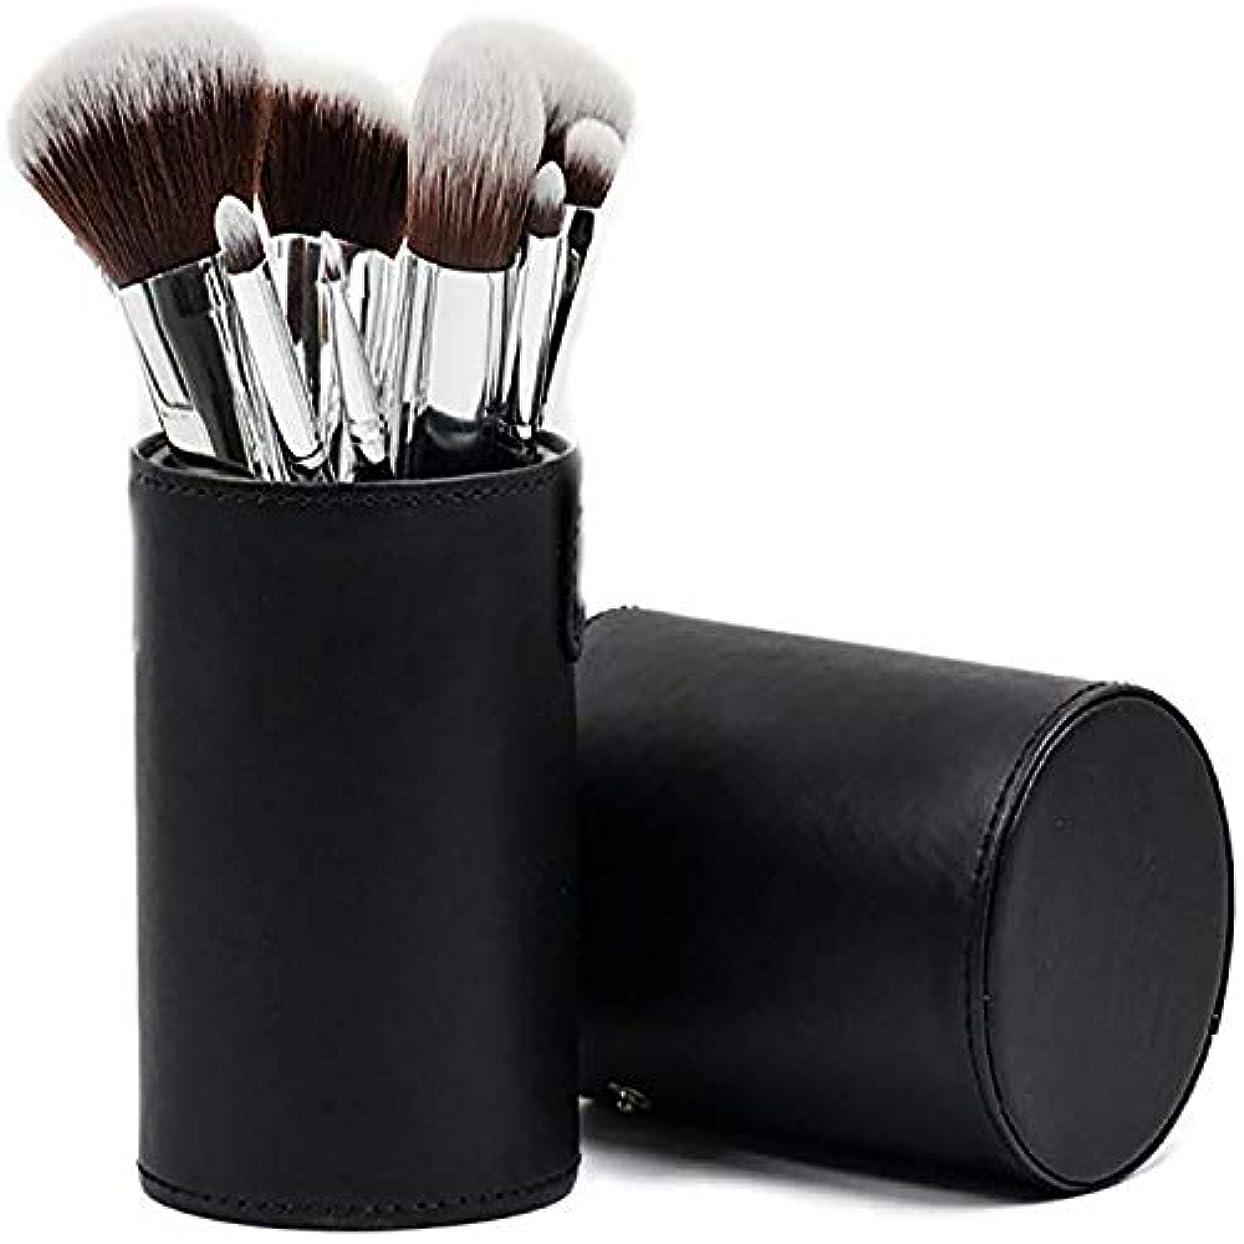 錫リップ利点[Huadoud]メイクブラシ 11本セット 化粧筆 フ ェイスブラシ 化粧ブラシ ブラック 収納ケース付き SCW-HZshua-11